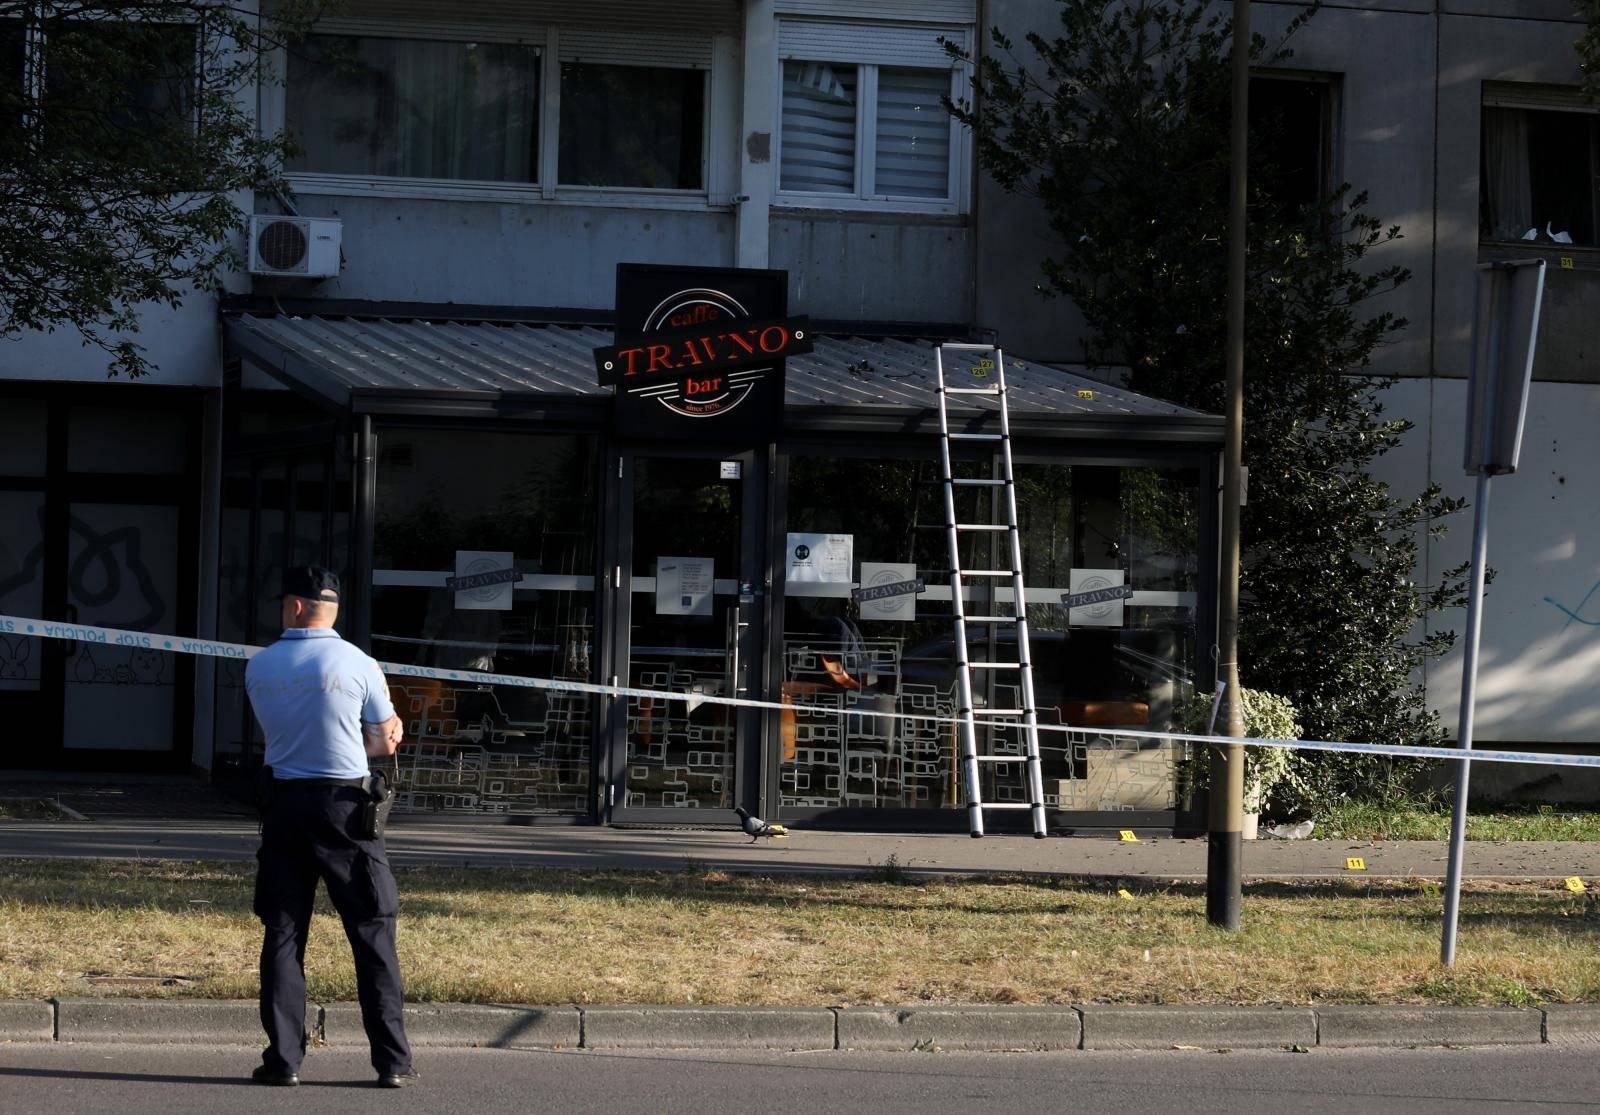 Zagreb: Eksplozija u zagrebačkom naselju Travno, oštećen kafić